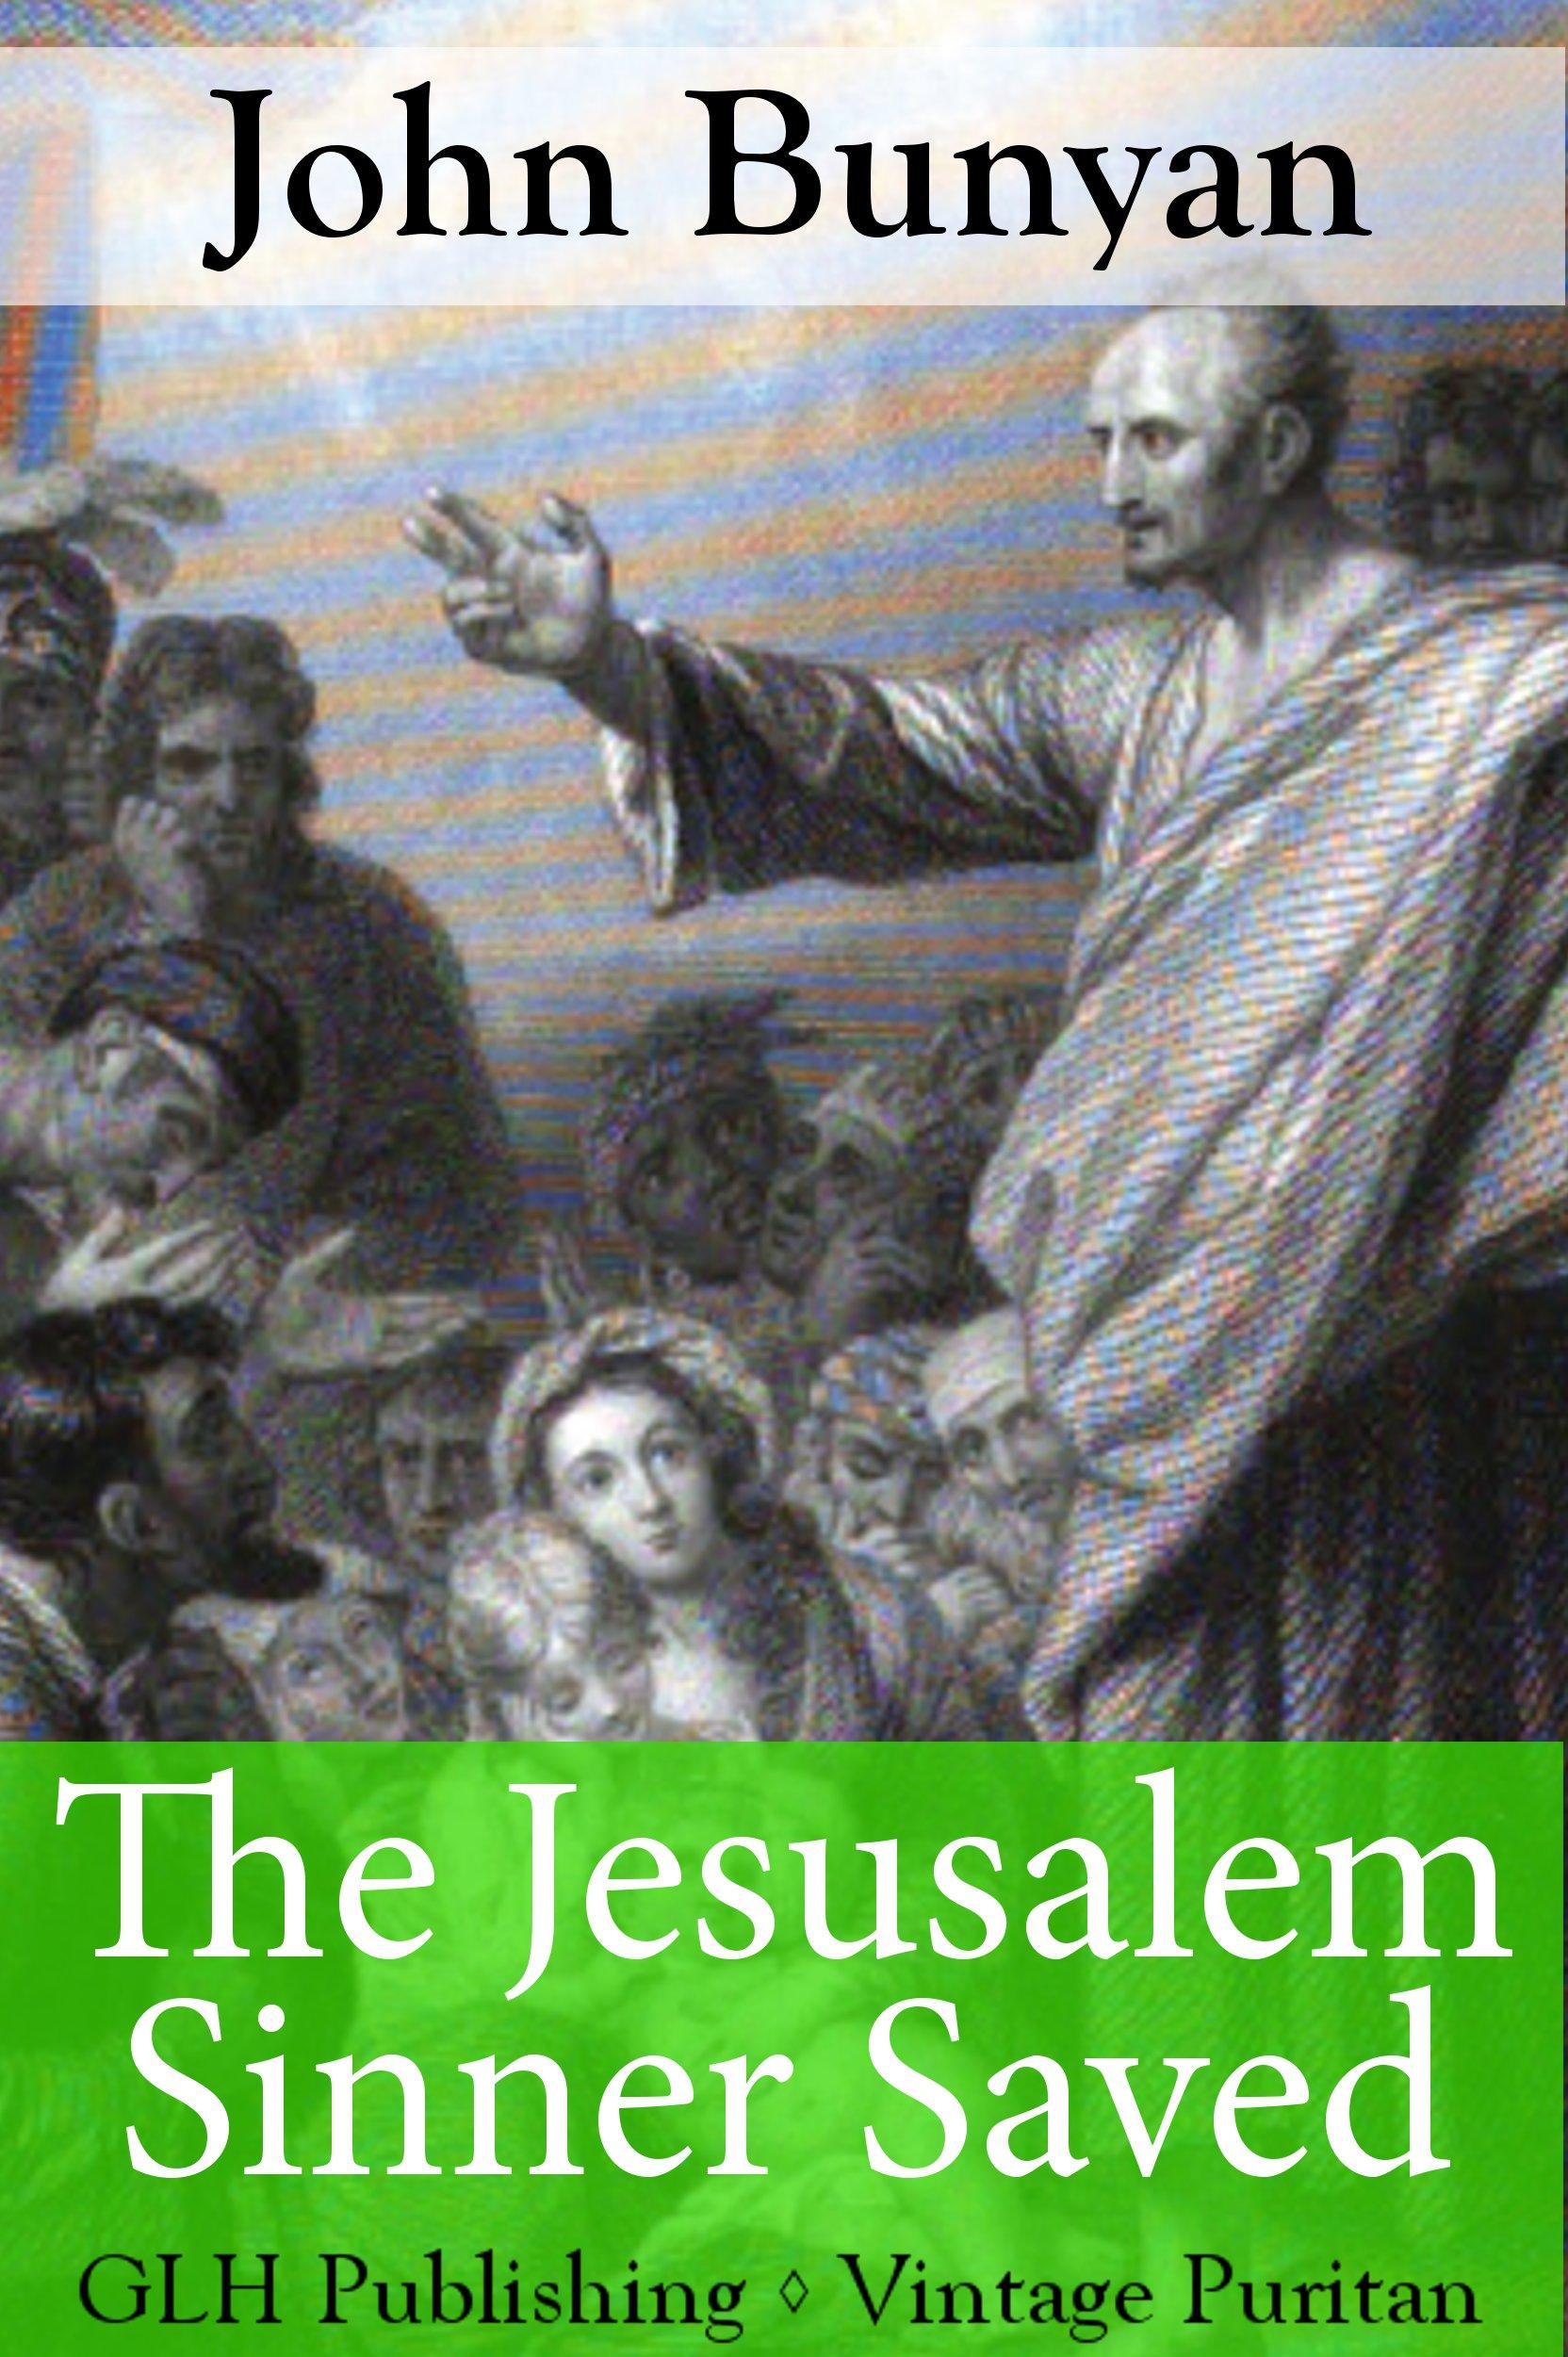 JerusalemSinner-cover